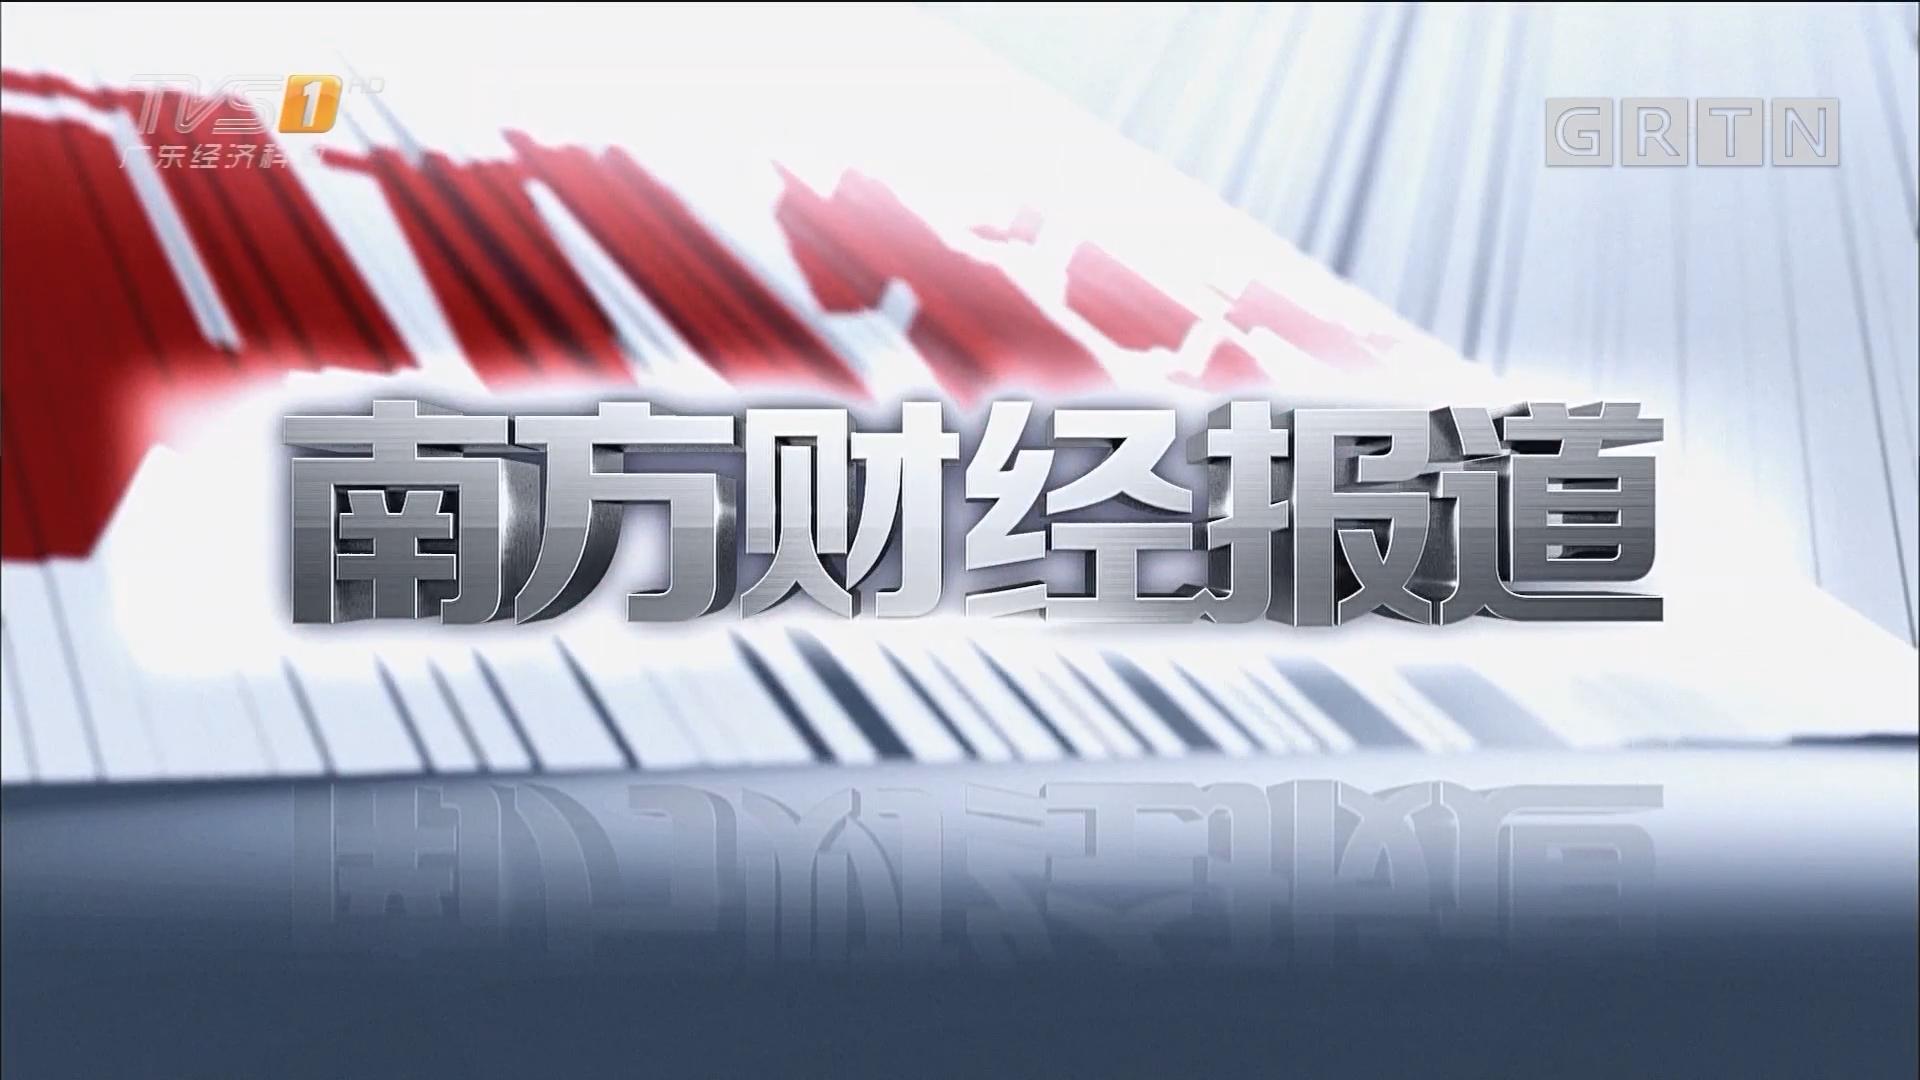 [HD][2018-03-19]南方财经报道:十三届全国人大一次会议举行第七次全体会议 国务院副总理、国务委员、各部部长等获任命